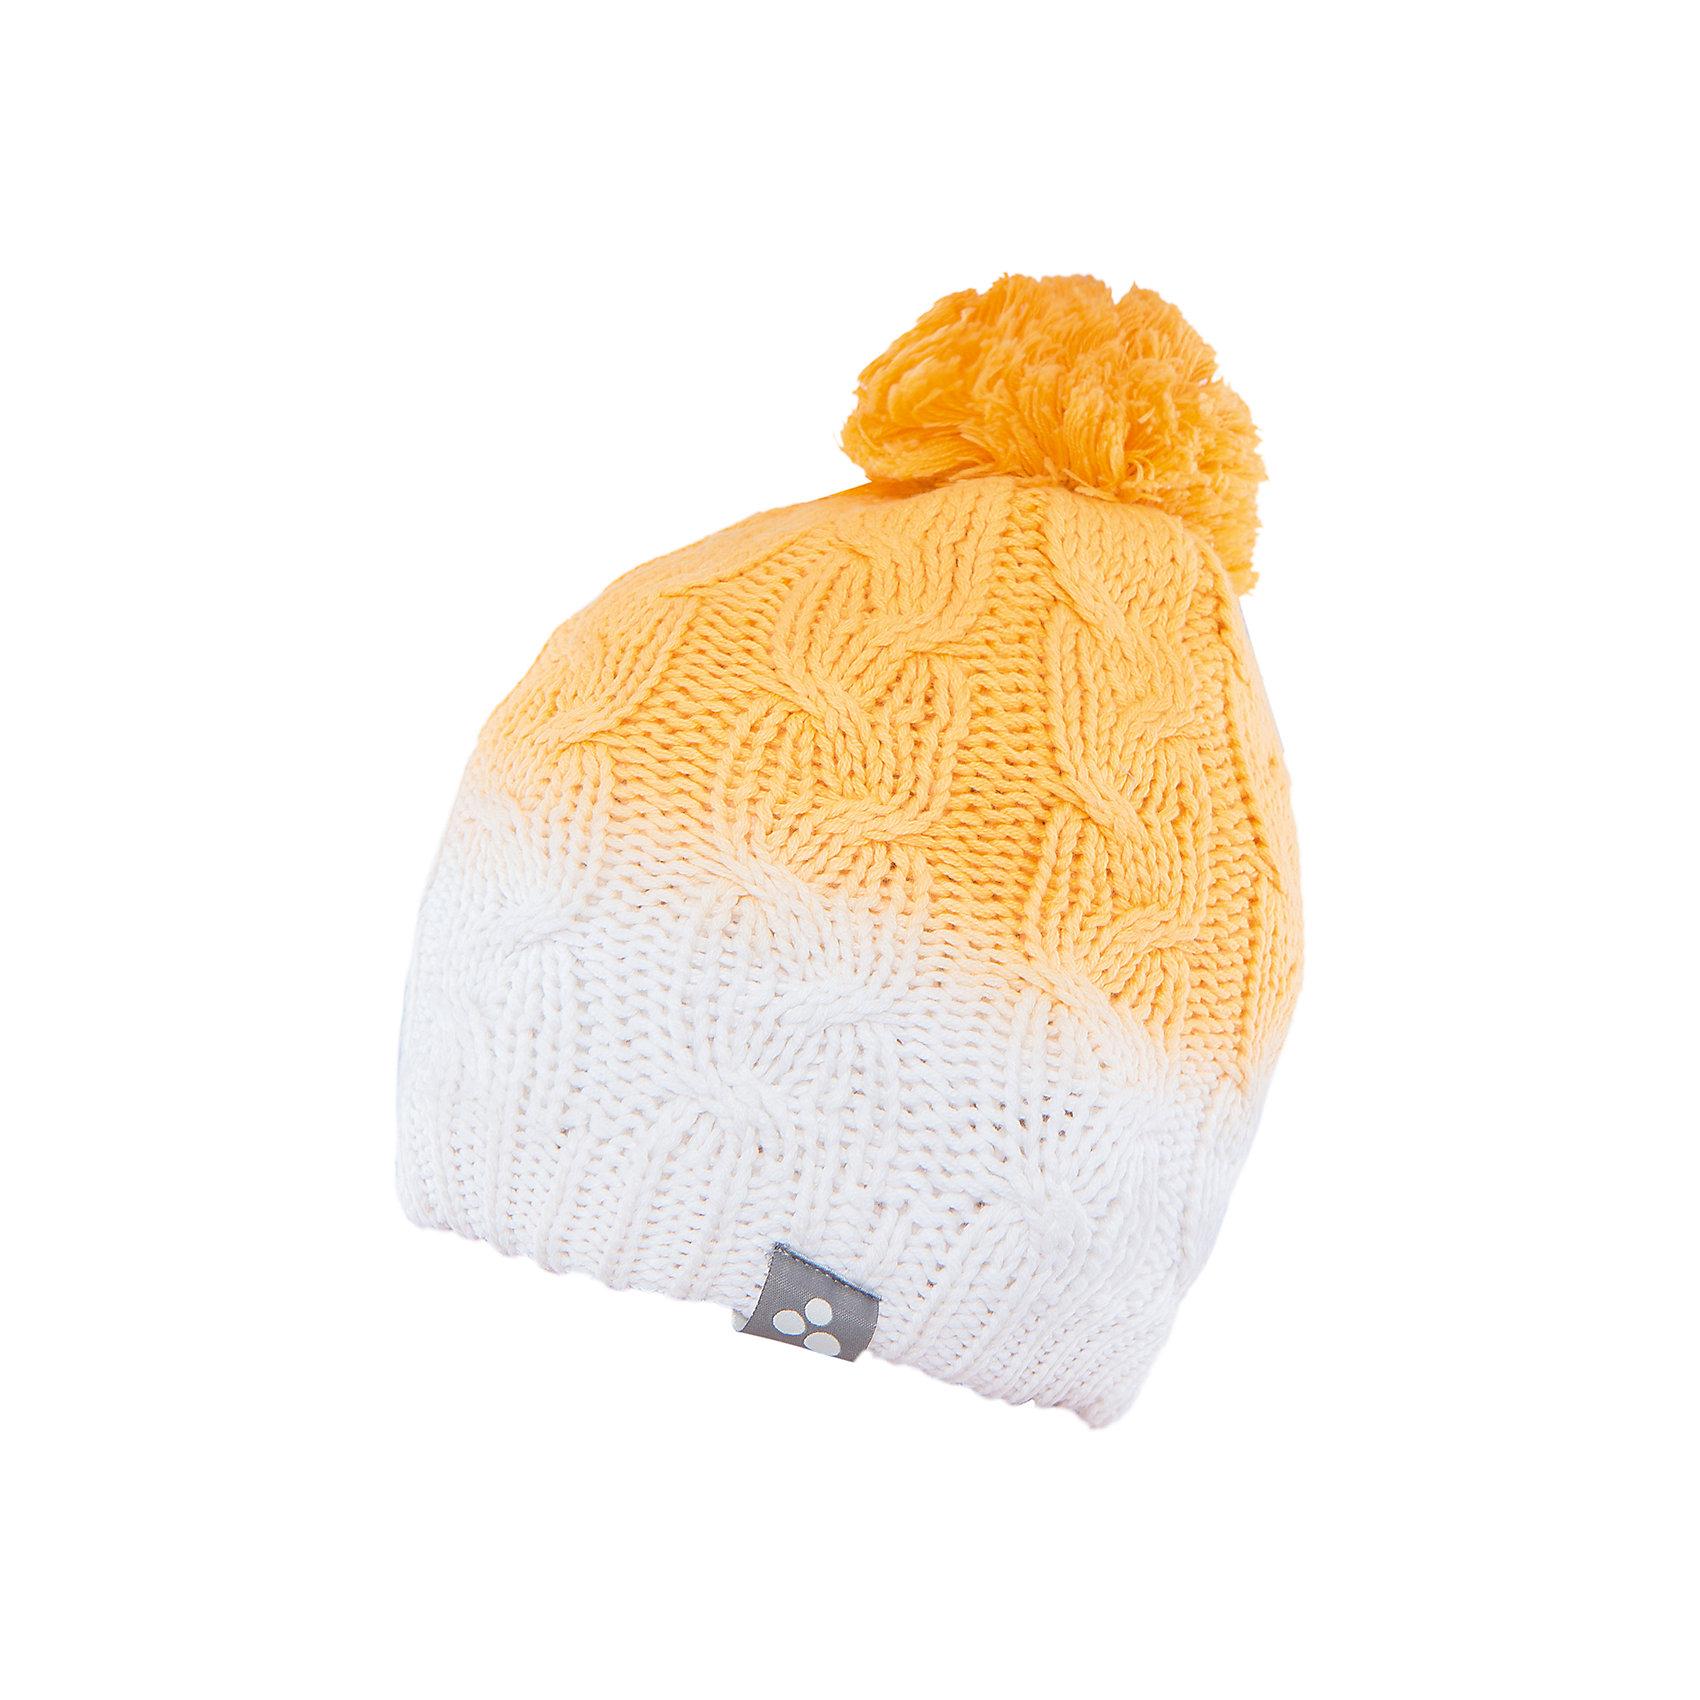 Шапка  HuppaГоловные уборы<br>Вязаная шапка LUCCA Huppa(Хуппа) изготовлена из качественных материалов и обеспечит вашему ребенку тепло и комфорт. Шапка украшена помпоном, вязаными косичками и интересным рисунком с эффектом градиента. Шапка плотно прилегает к голове благодаря резинке по краю.<br><br>Дополнительная информация:<br>Материал: 45% акрил, 55% хлопок<br>Цвет: желтый/белый<br><br>Вы можете приобрести шапку LUCCA Huppa(Хуппа) в нашем интернет-магазине.<br><br>Ширина мм: 89<br>Глубина мм: 117<br>Высота мм: 44<br>Вес г: 155<br>Цвет: желтый<br>Возраст от месяцев: 132<br>Возраст до месяцев: 144<br>Пол: Женский<br>Возраст: Детский<br>Размер: 55-57,55-57,51-53<br>SKU: 4928942